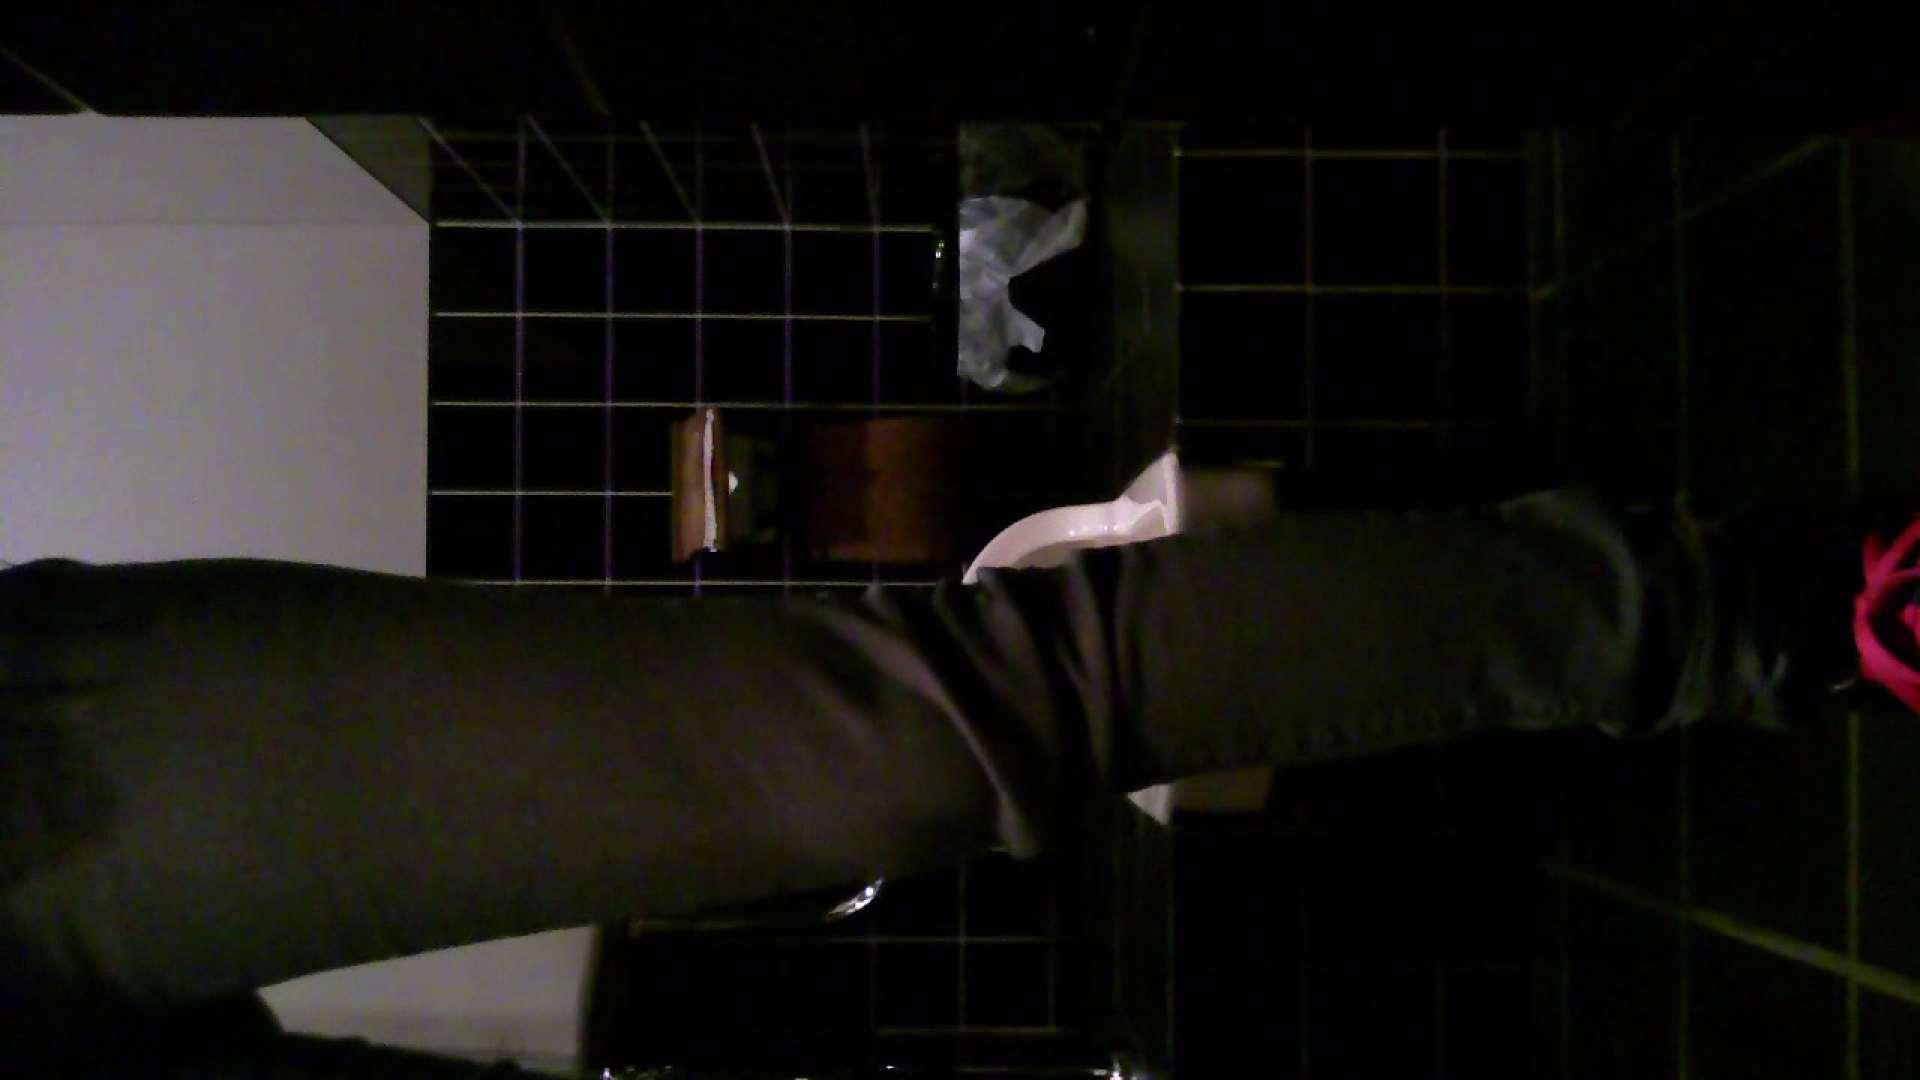 美女の集まる飲み屋洗面所 vol.02 OLセックス | ぱっくり下半身  110画像 11